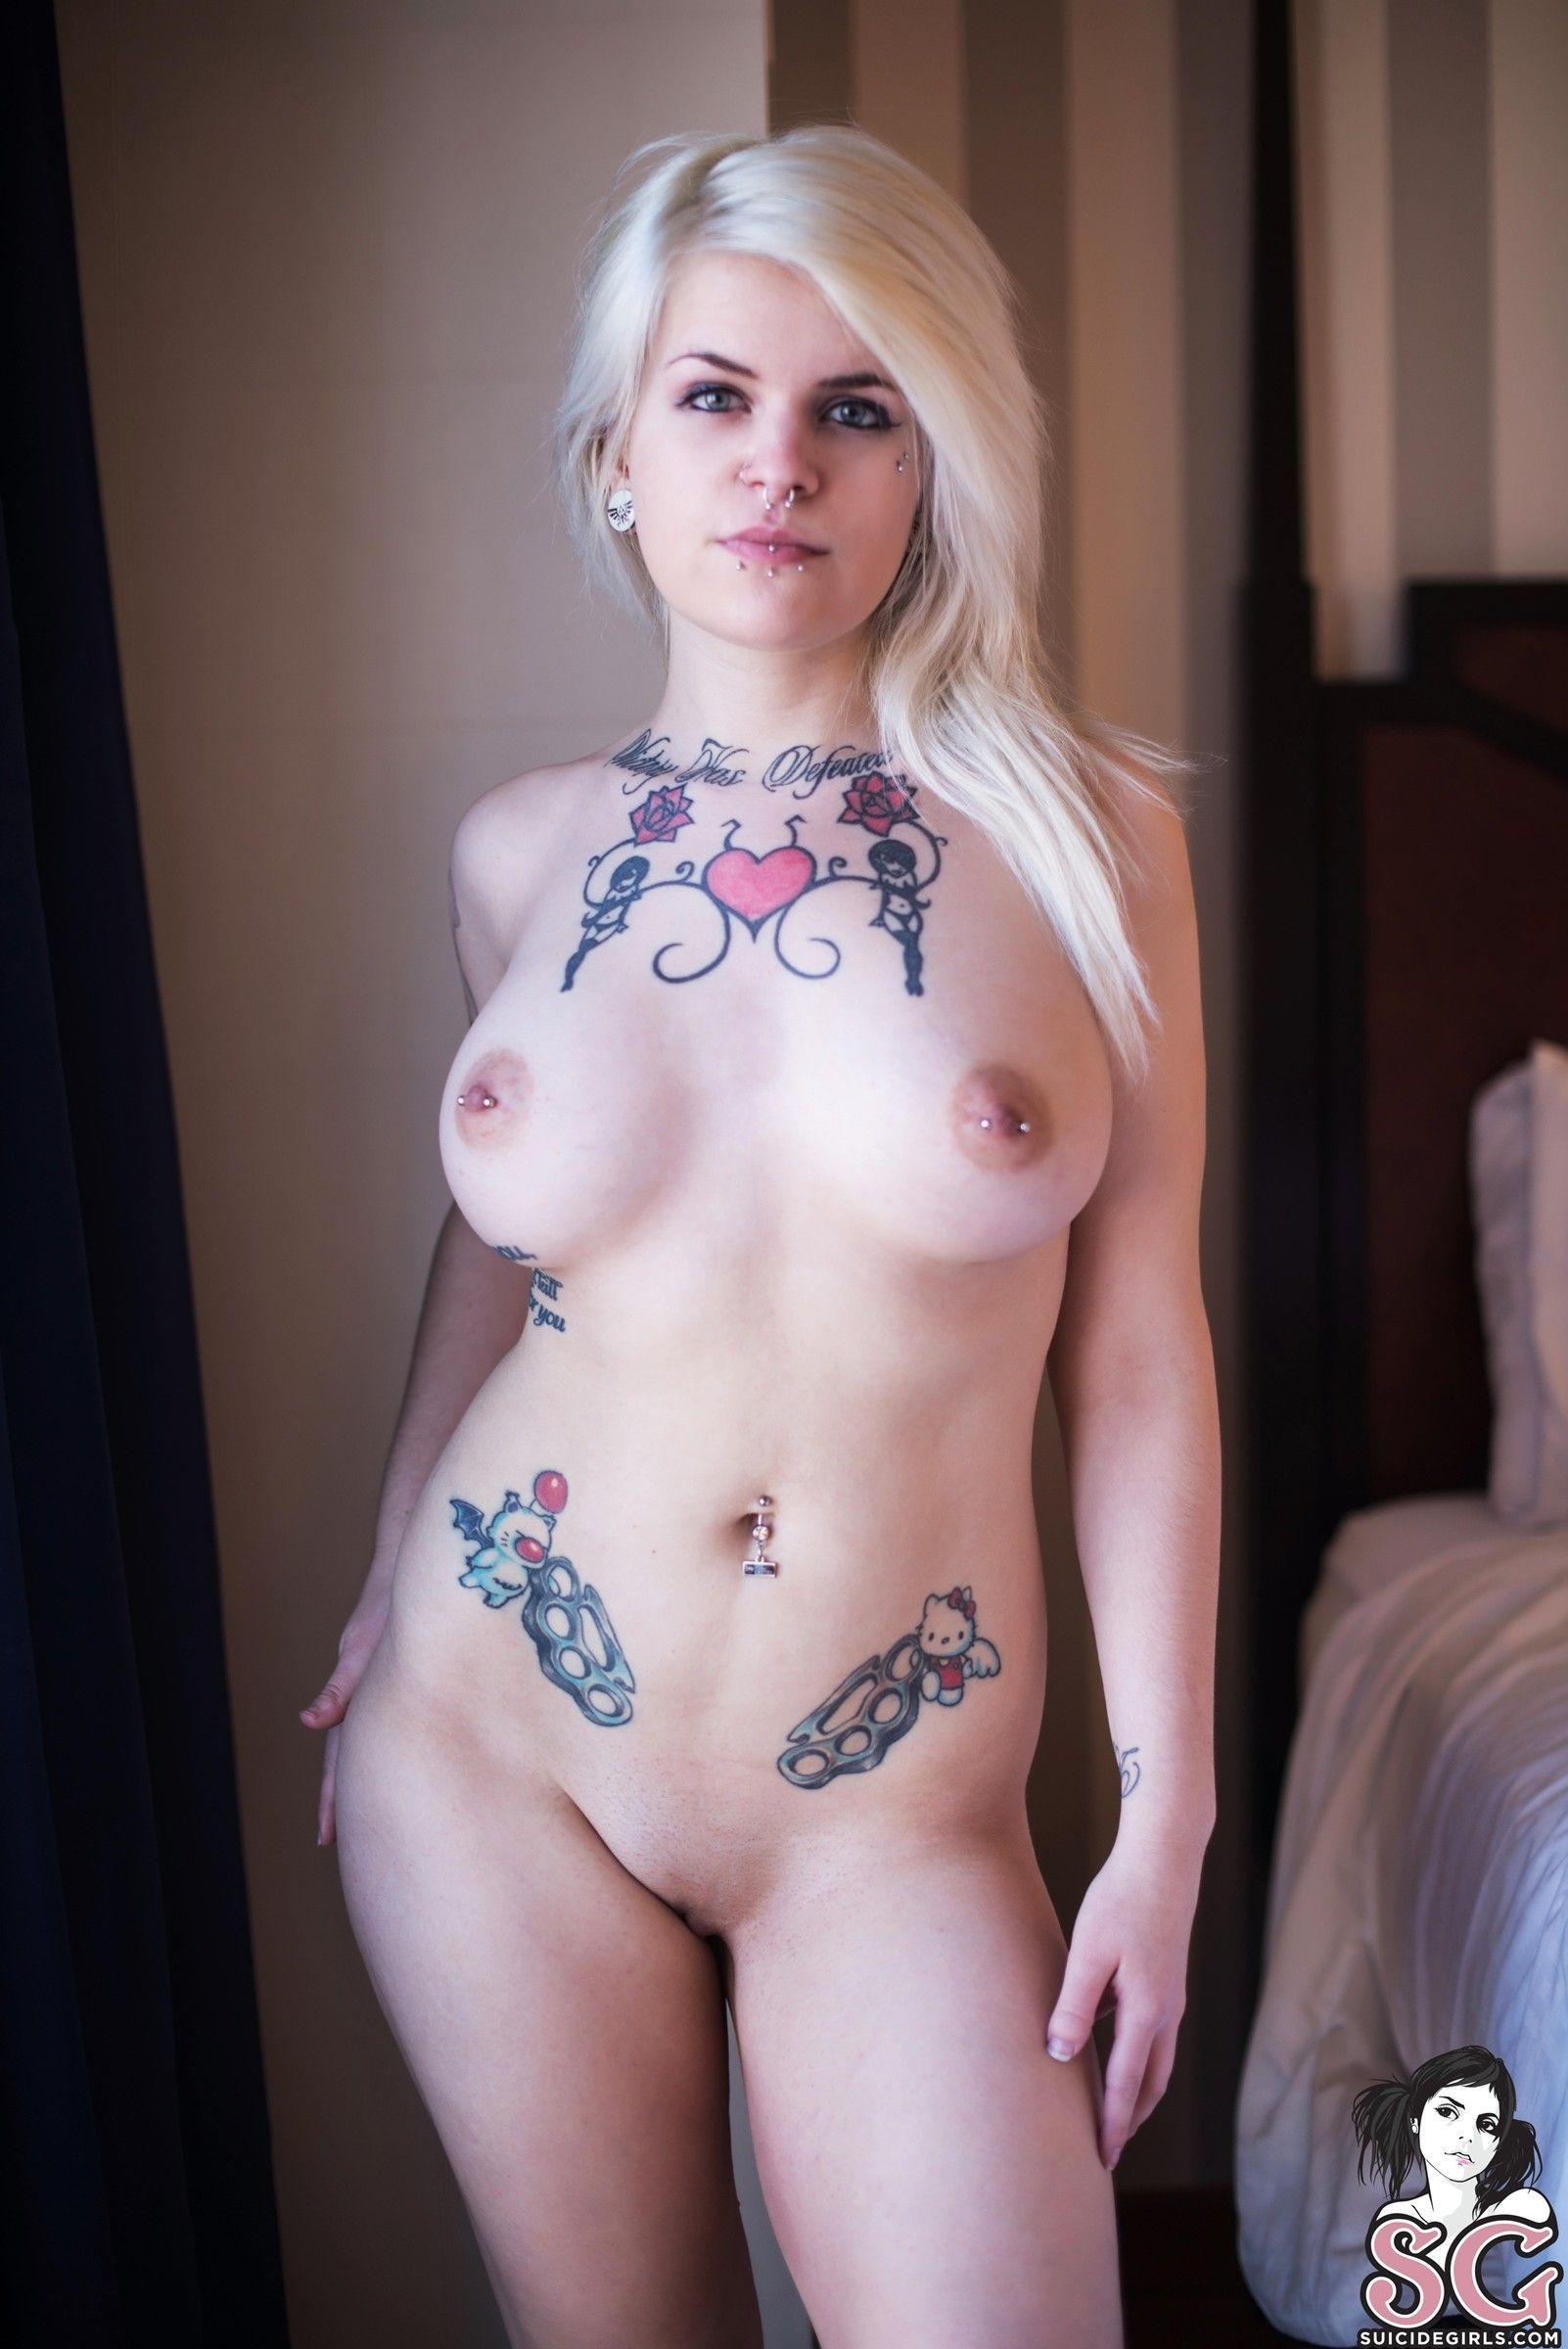 loira tatuada curte um punk rock pelada 423796226bf10a2675116b9938e6f4c3 - Loira tatuada curte um punk rock pelada